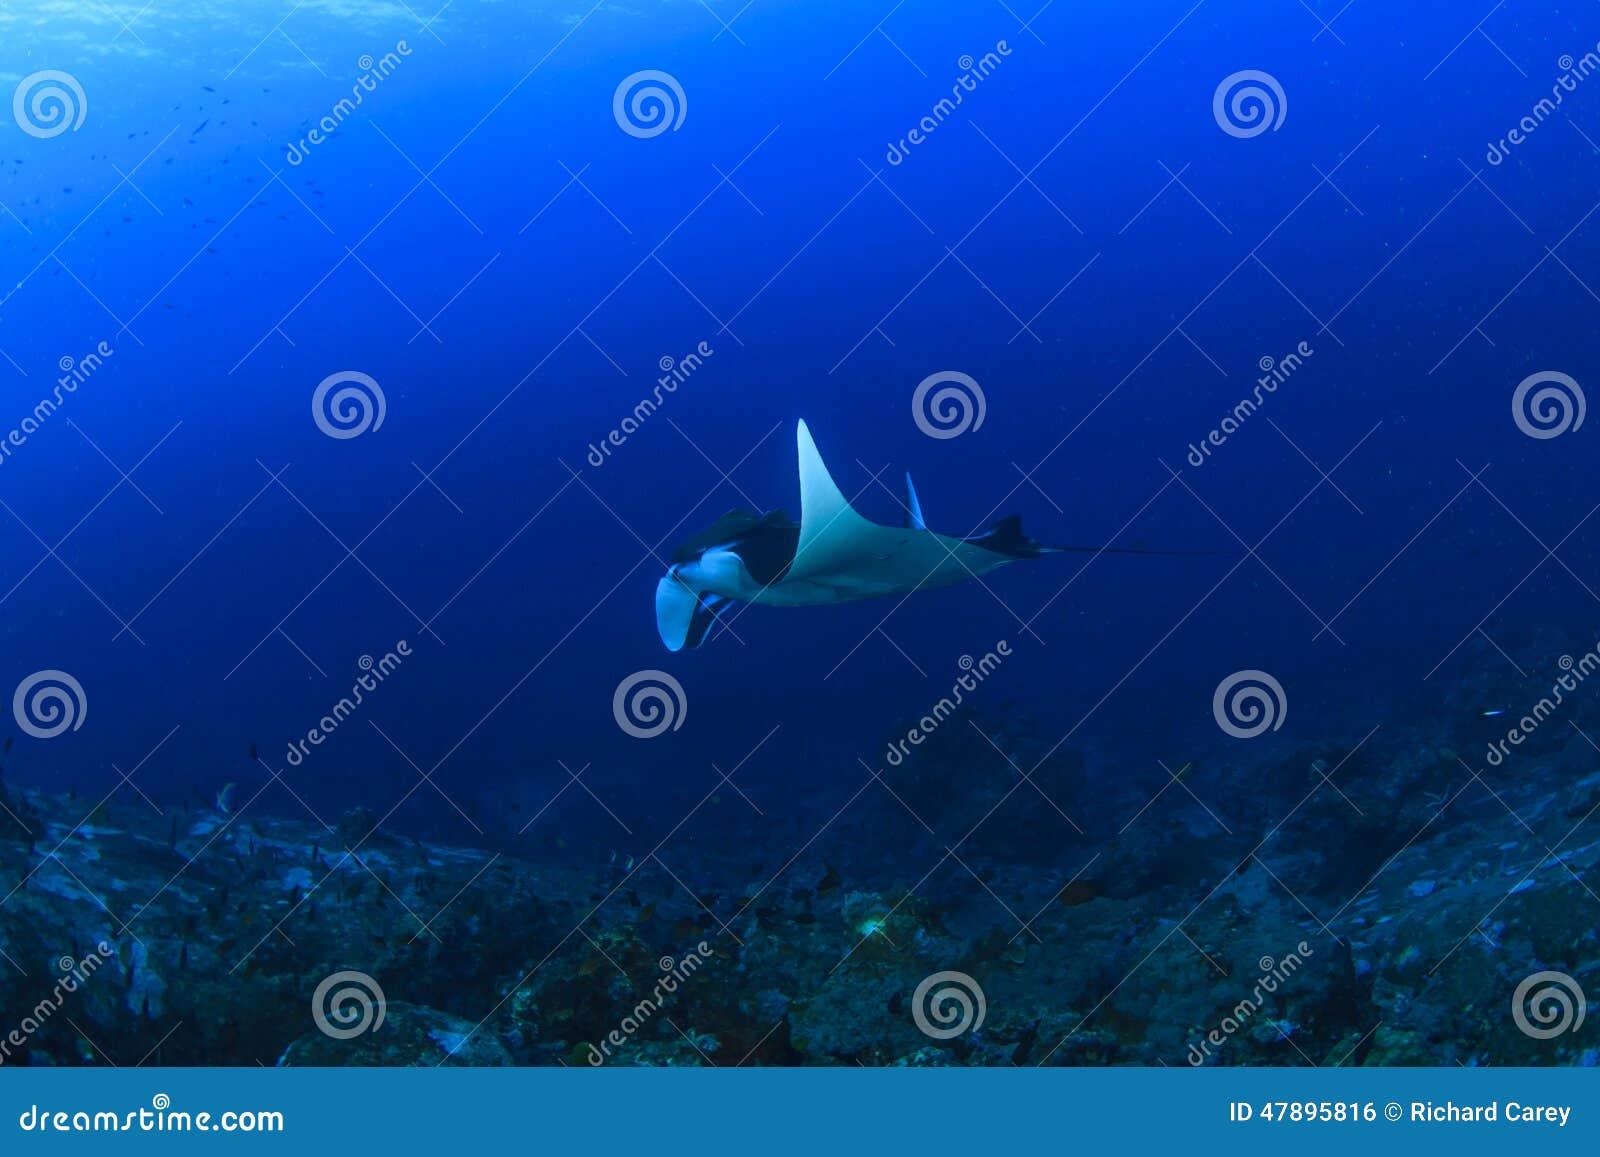 För maldives för adduatoll indisk stråle för hav manta